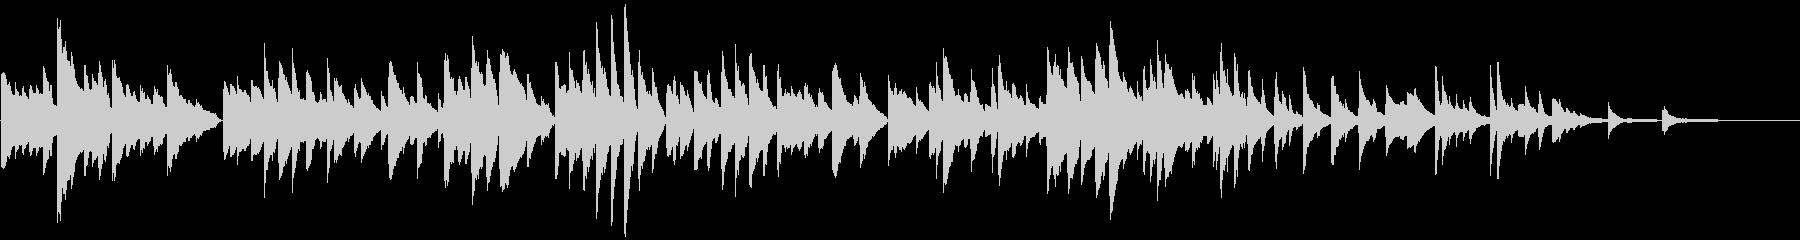 ゆったりしたピアノBGMの未再生の波形